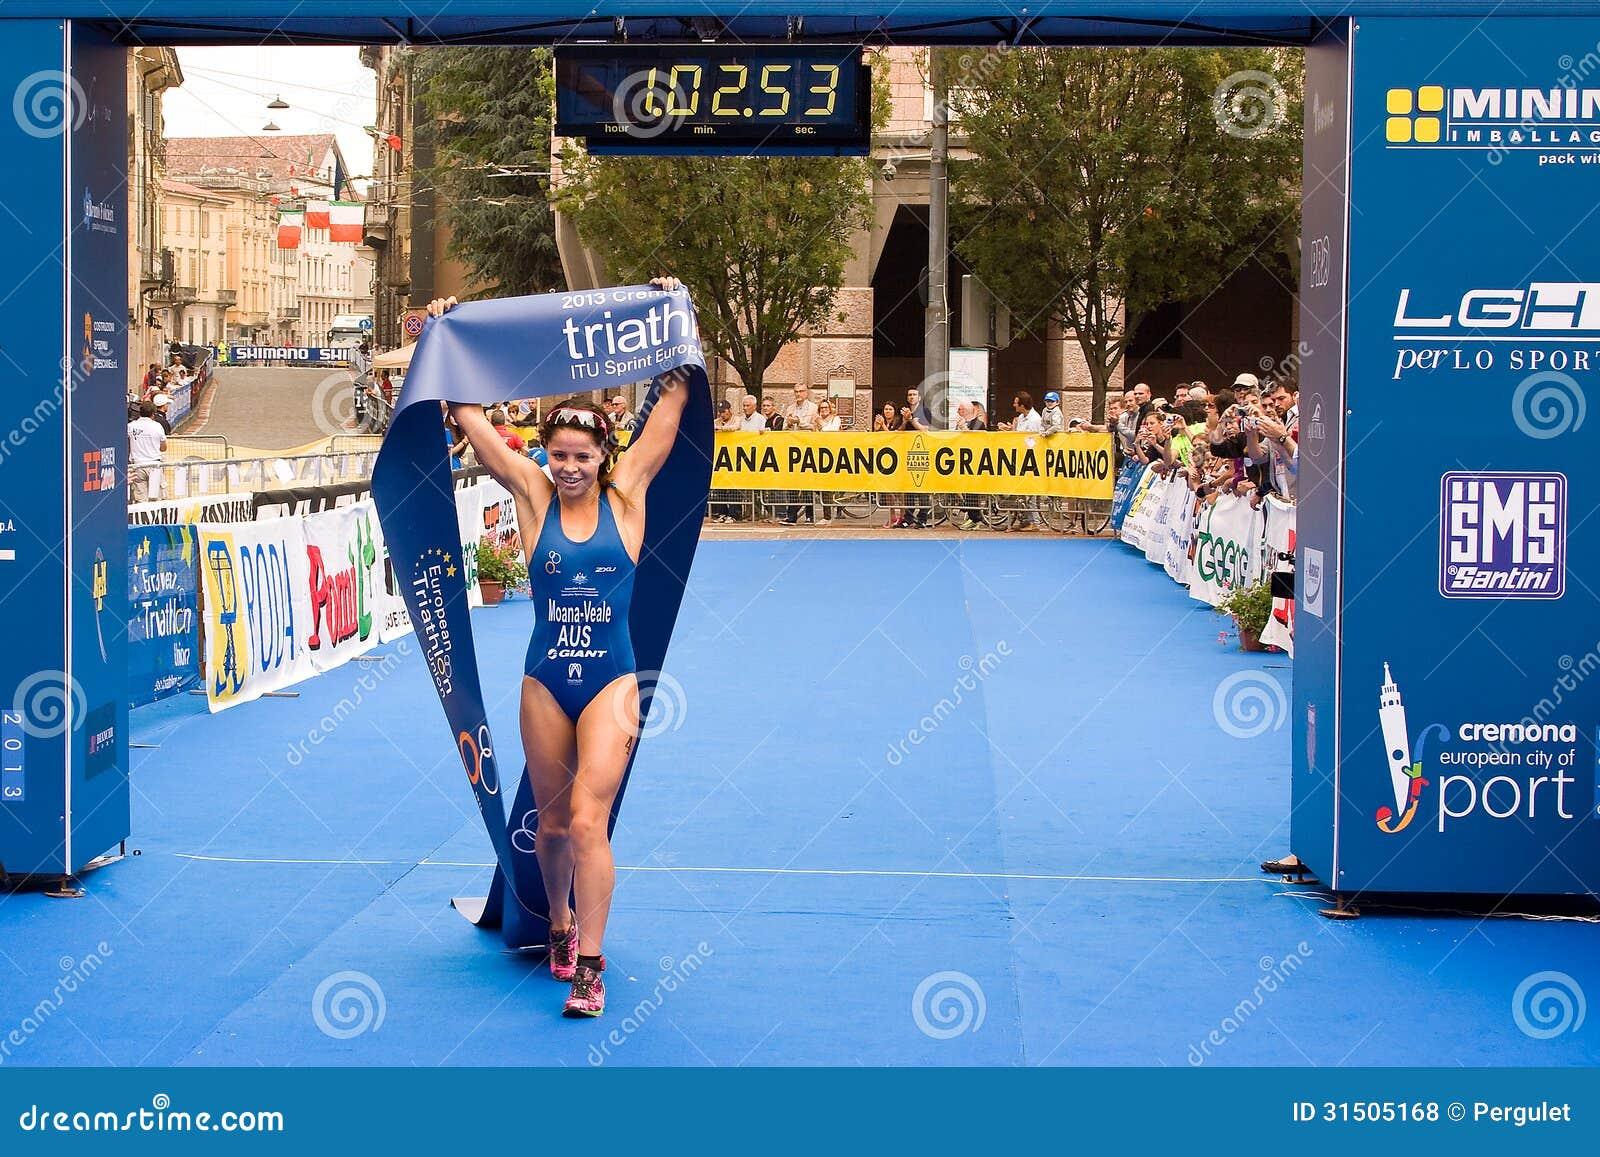 克雷莫纳ITU欧洲三项全能Sprint杯